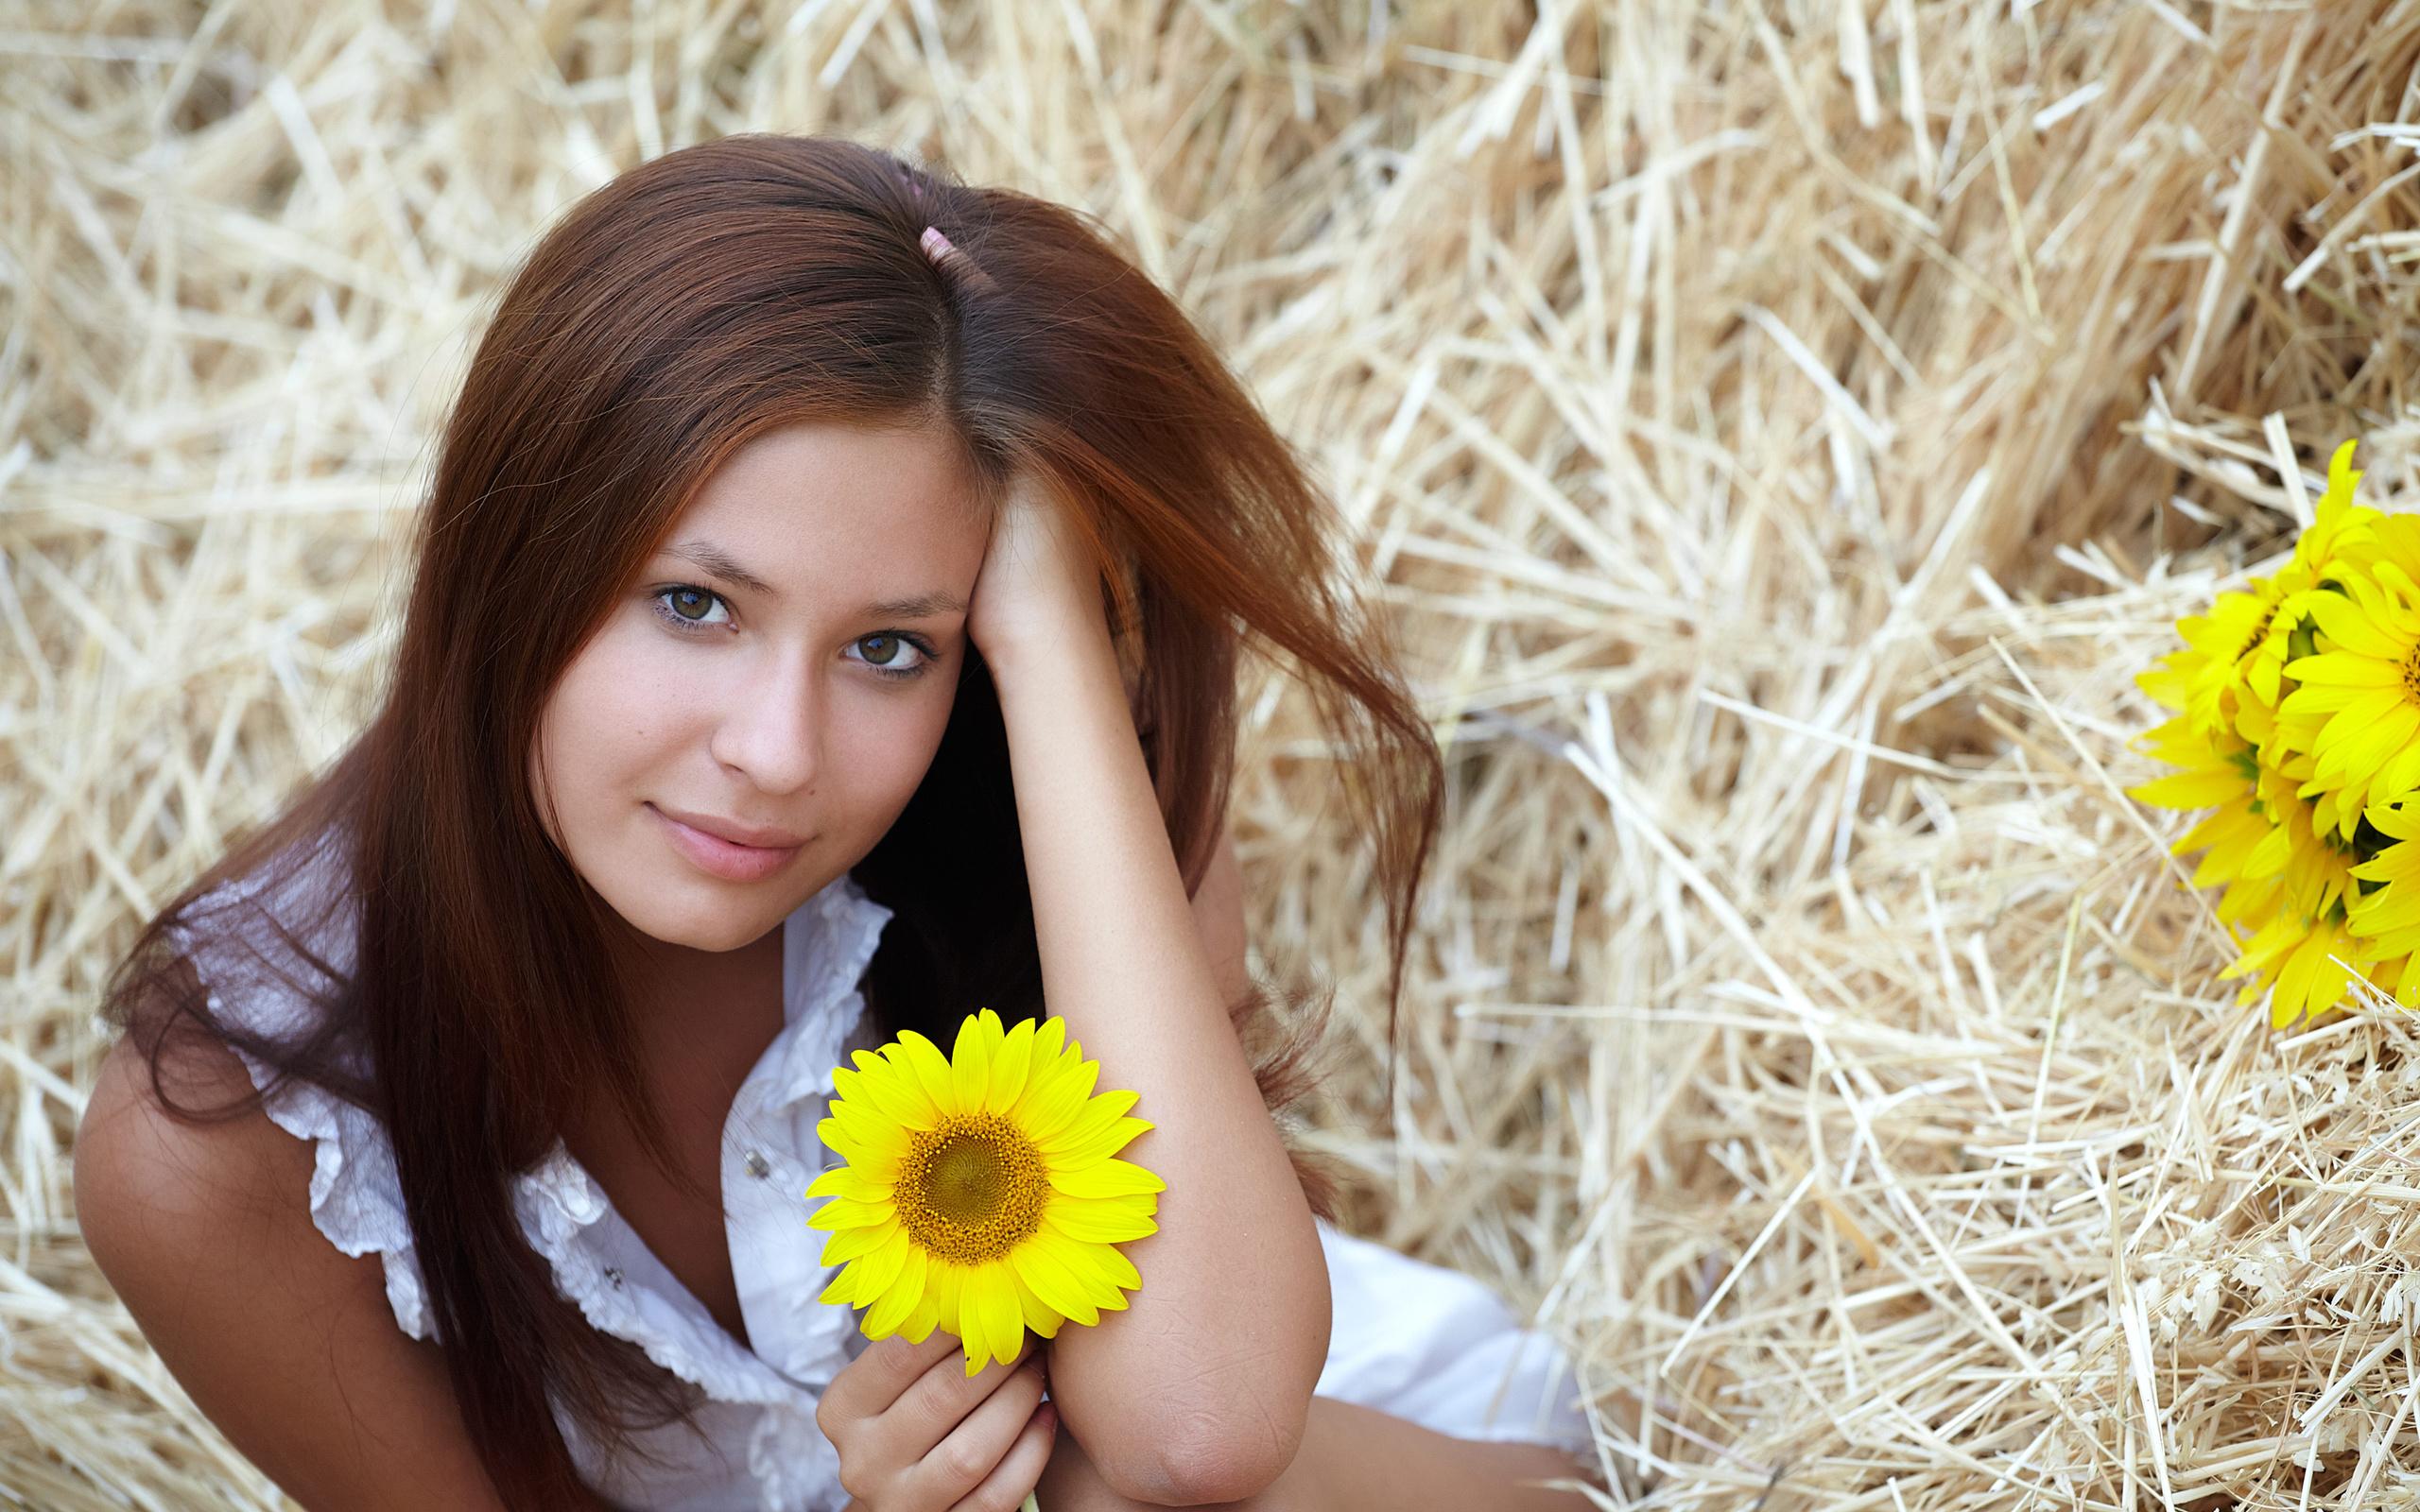 Дорогому, картинки девушка с цветком